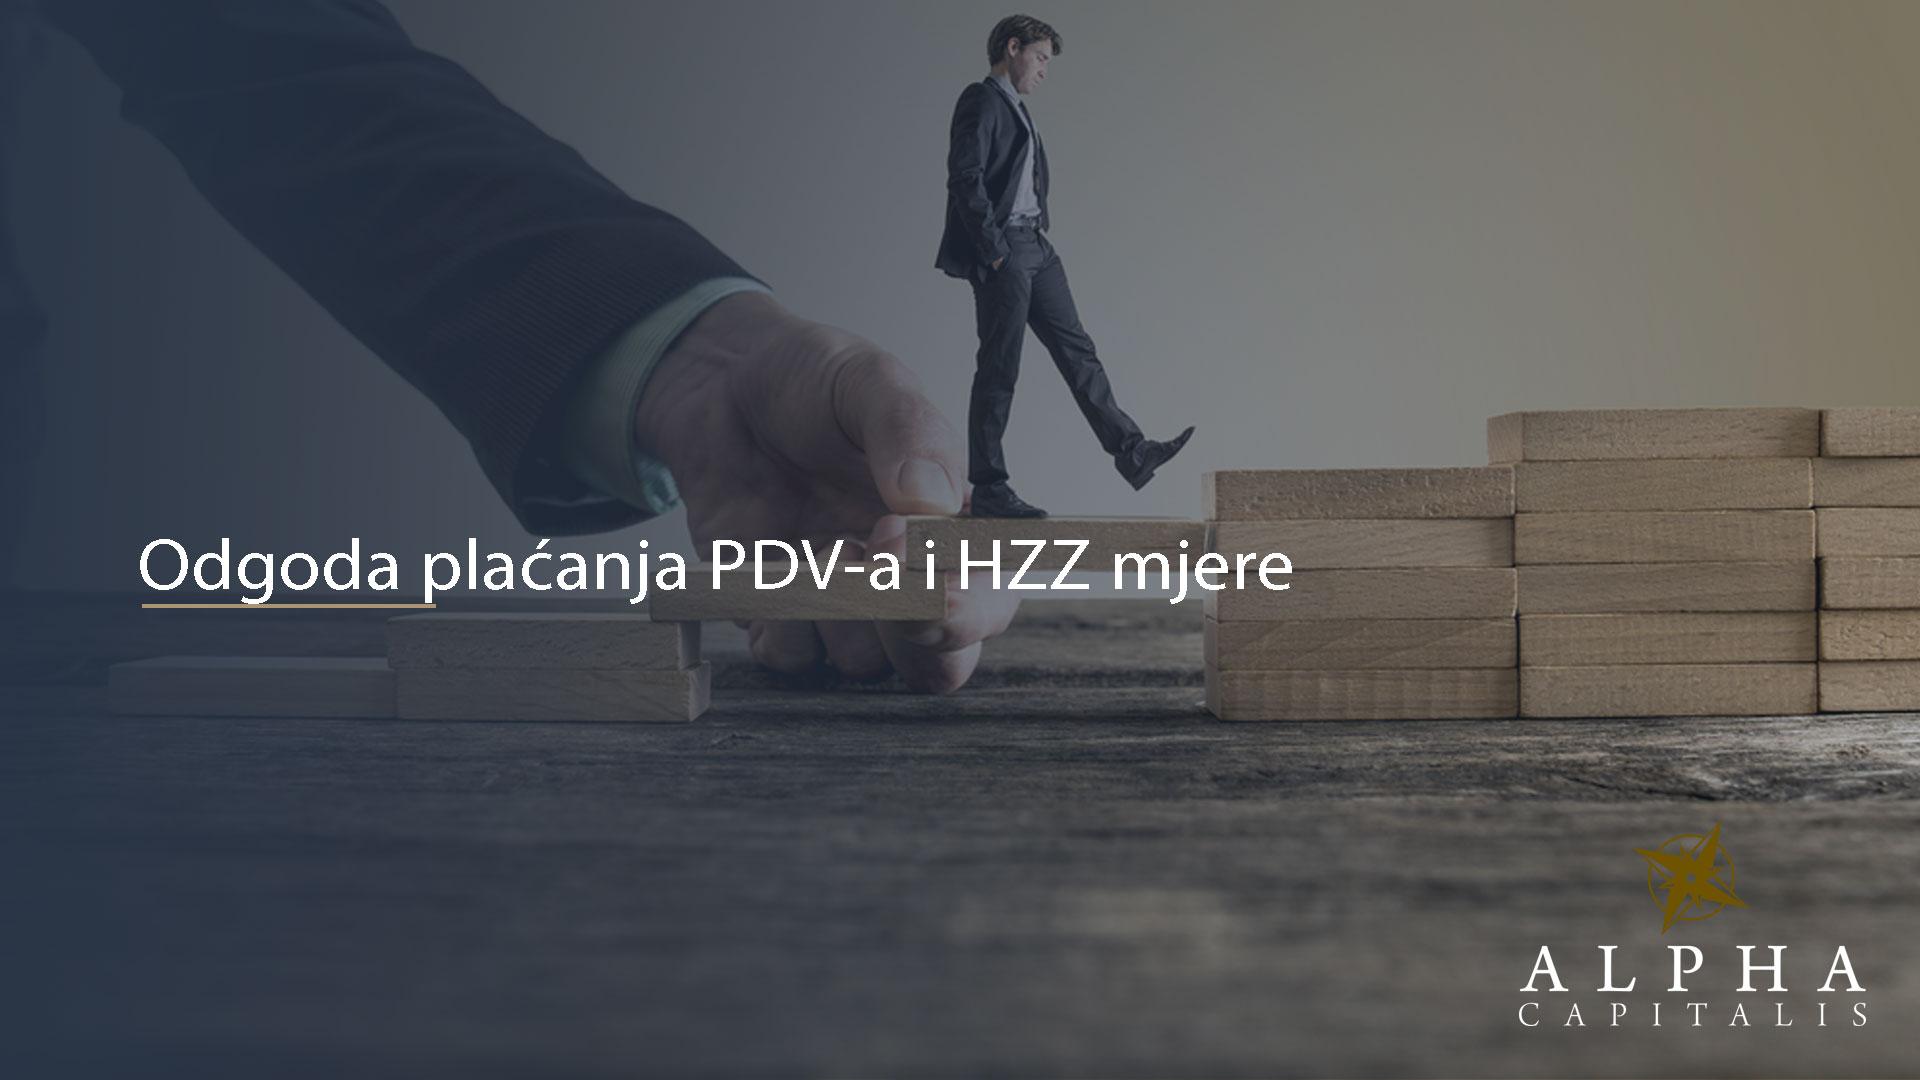 alpha-capitalis-novosti-hzz-mjere-odgoda-plaćanja-pdv